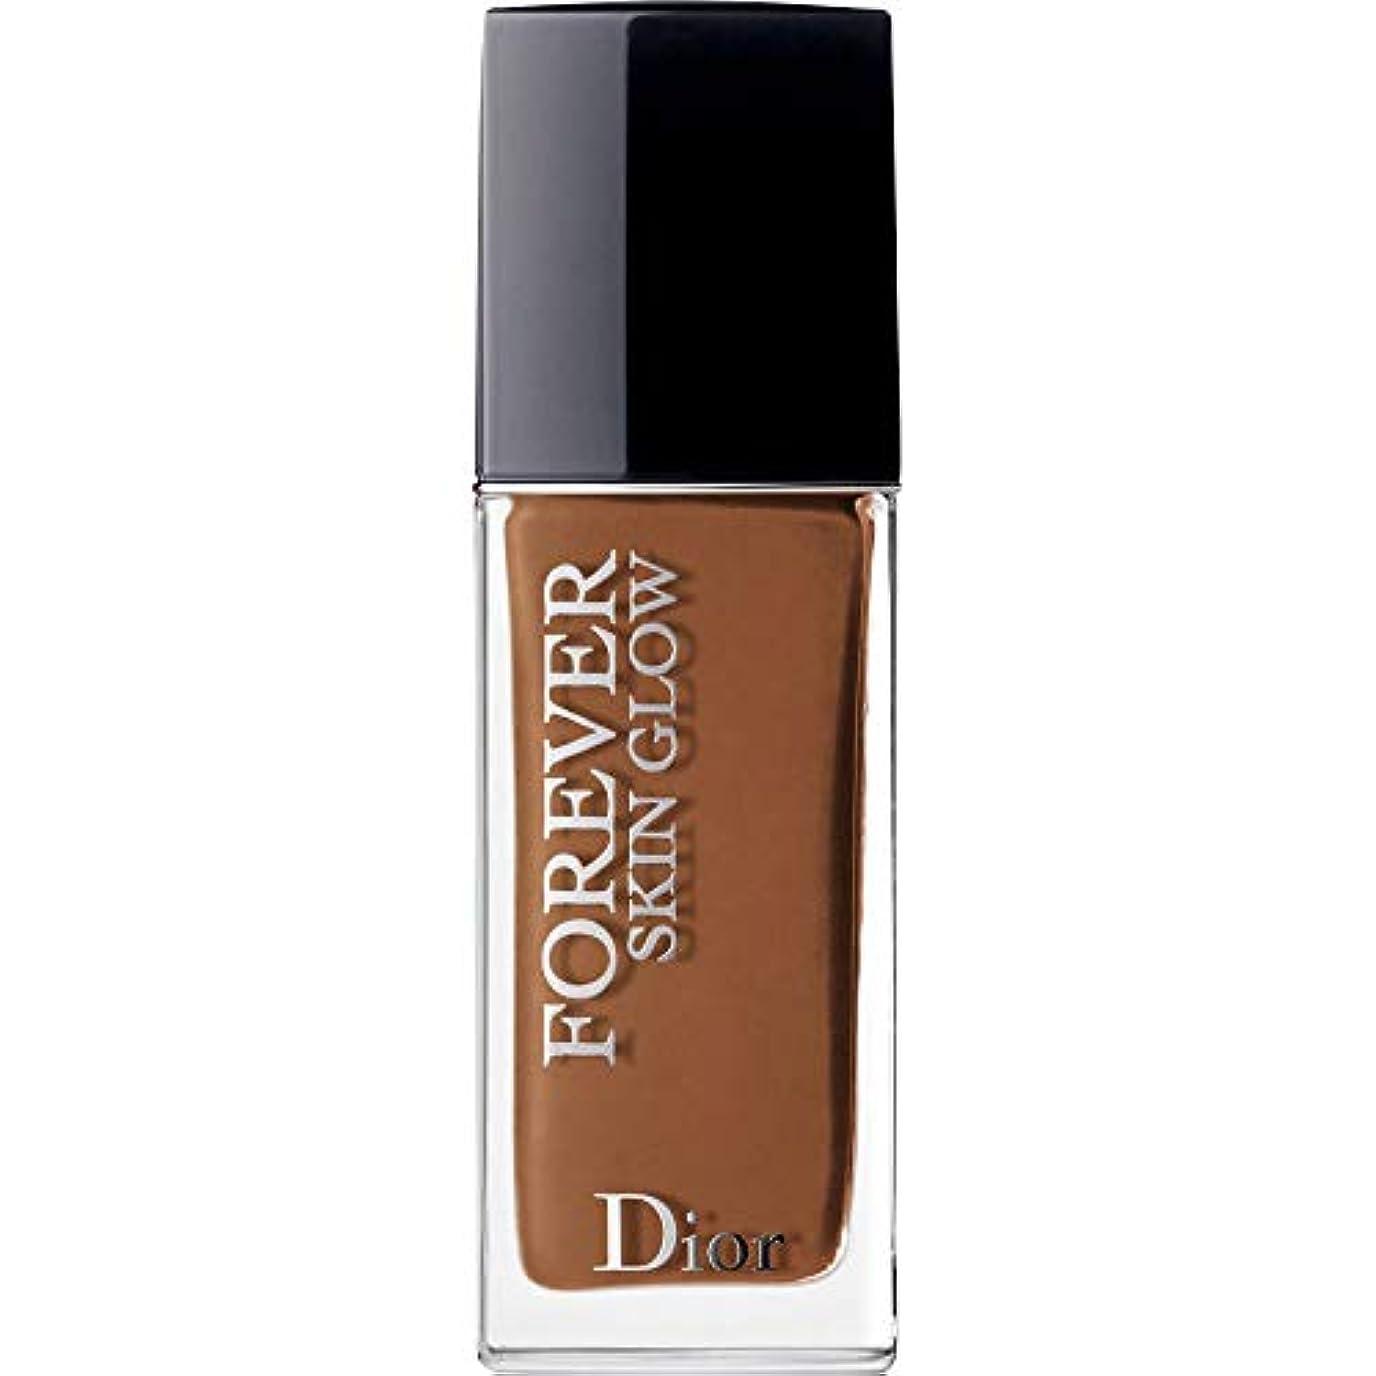 貸し手レモン散らす[Dior ] ディオール永遠に皮膚グロー皮膚思いやりの基礎Spf35 30ミリリットルの8N - ニュートラル(肌の輝き) - DIOR Forever Skin Glow Skin-Caring Foundation...